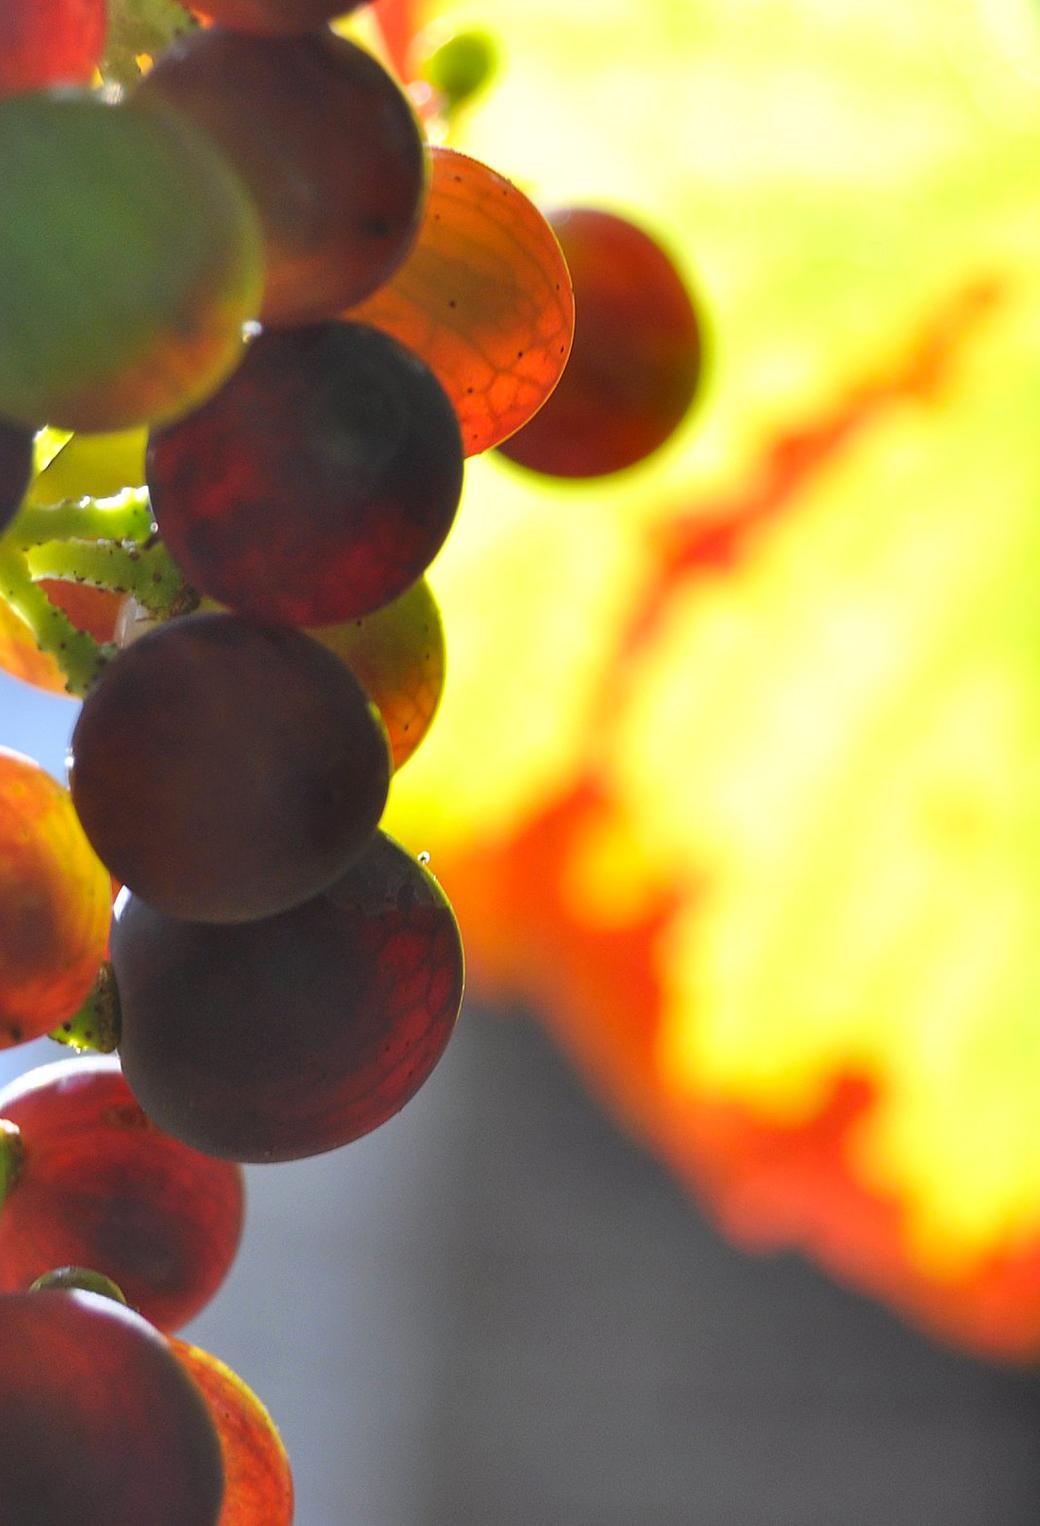 English Grapes 3Wallpapers iPhone Parallax English Grapes